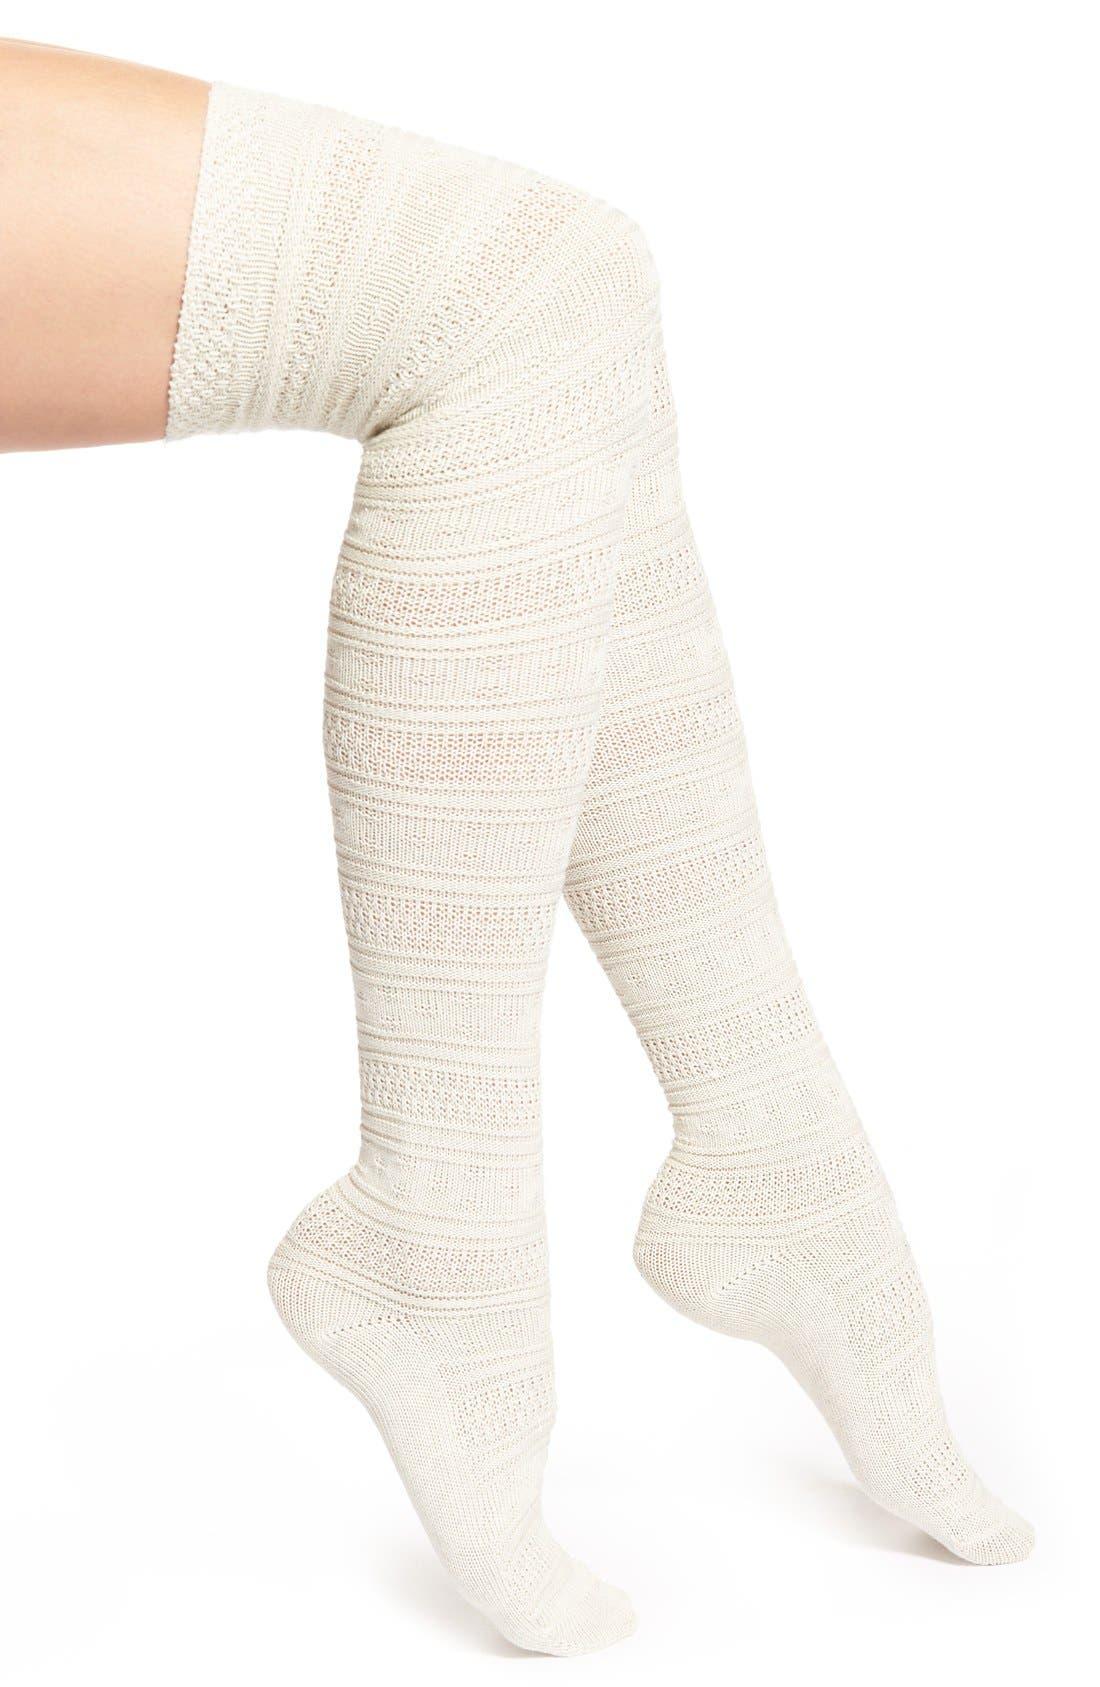 Alternate Image 1 Selected - Lemon 'Ice Dust' Crochet Over the Knee Socks